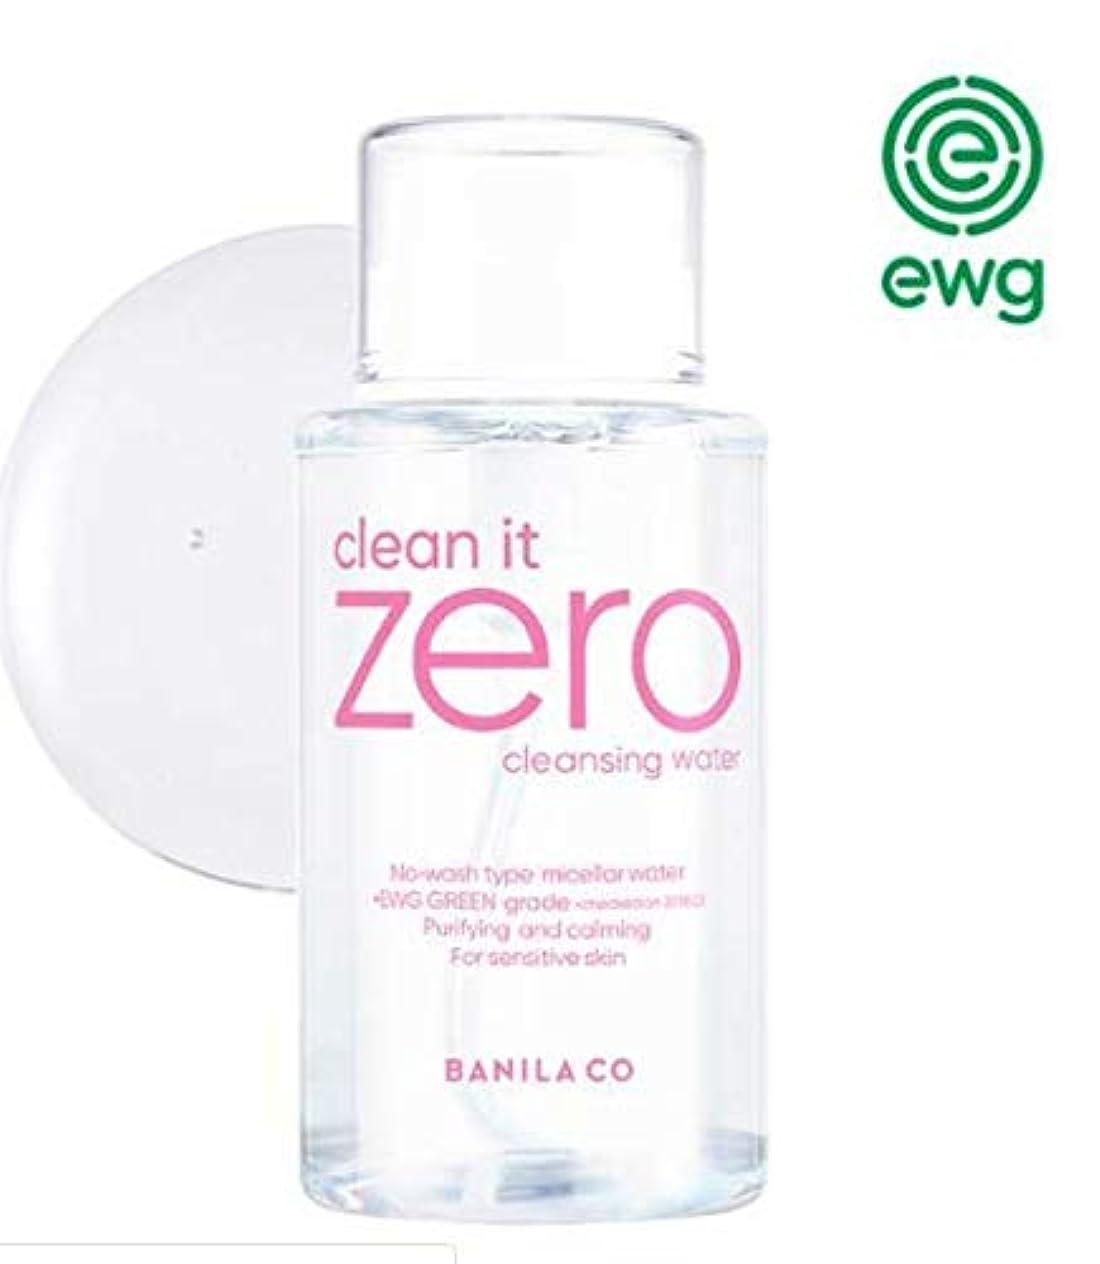 東部いっぱいアイロニーbanilaco クリーンイットゼロクレンジングウォーター/Clean It Zero Cleansing Water 310ml [並行輸入品]